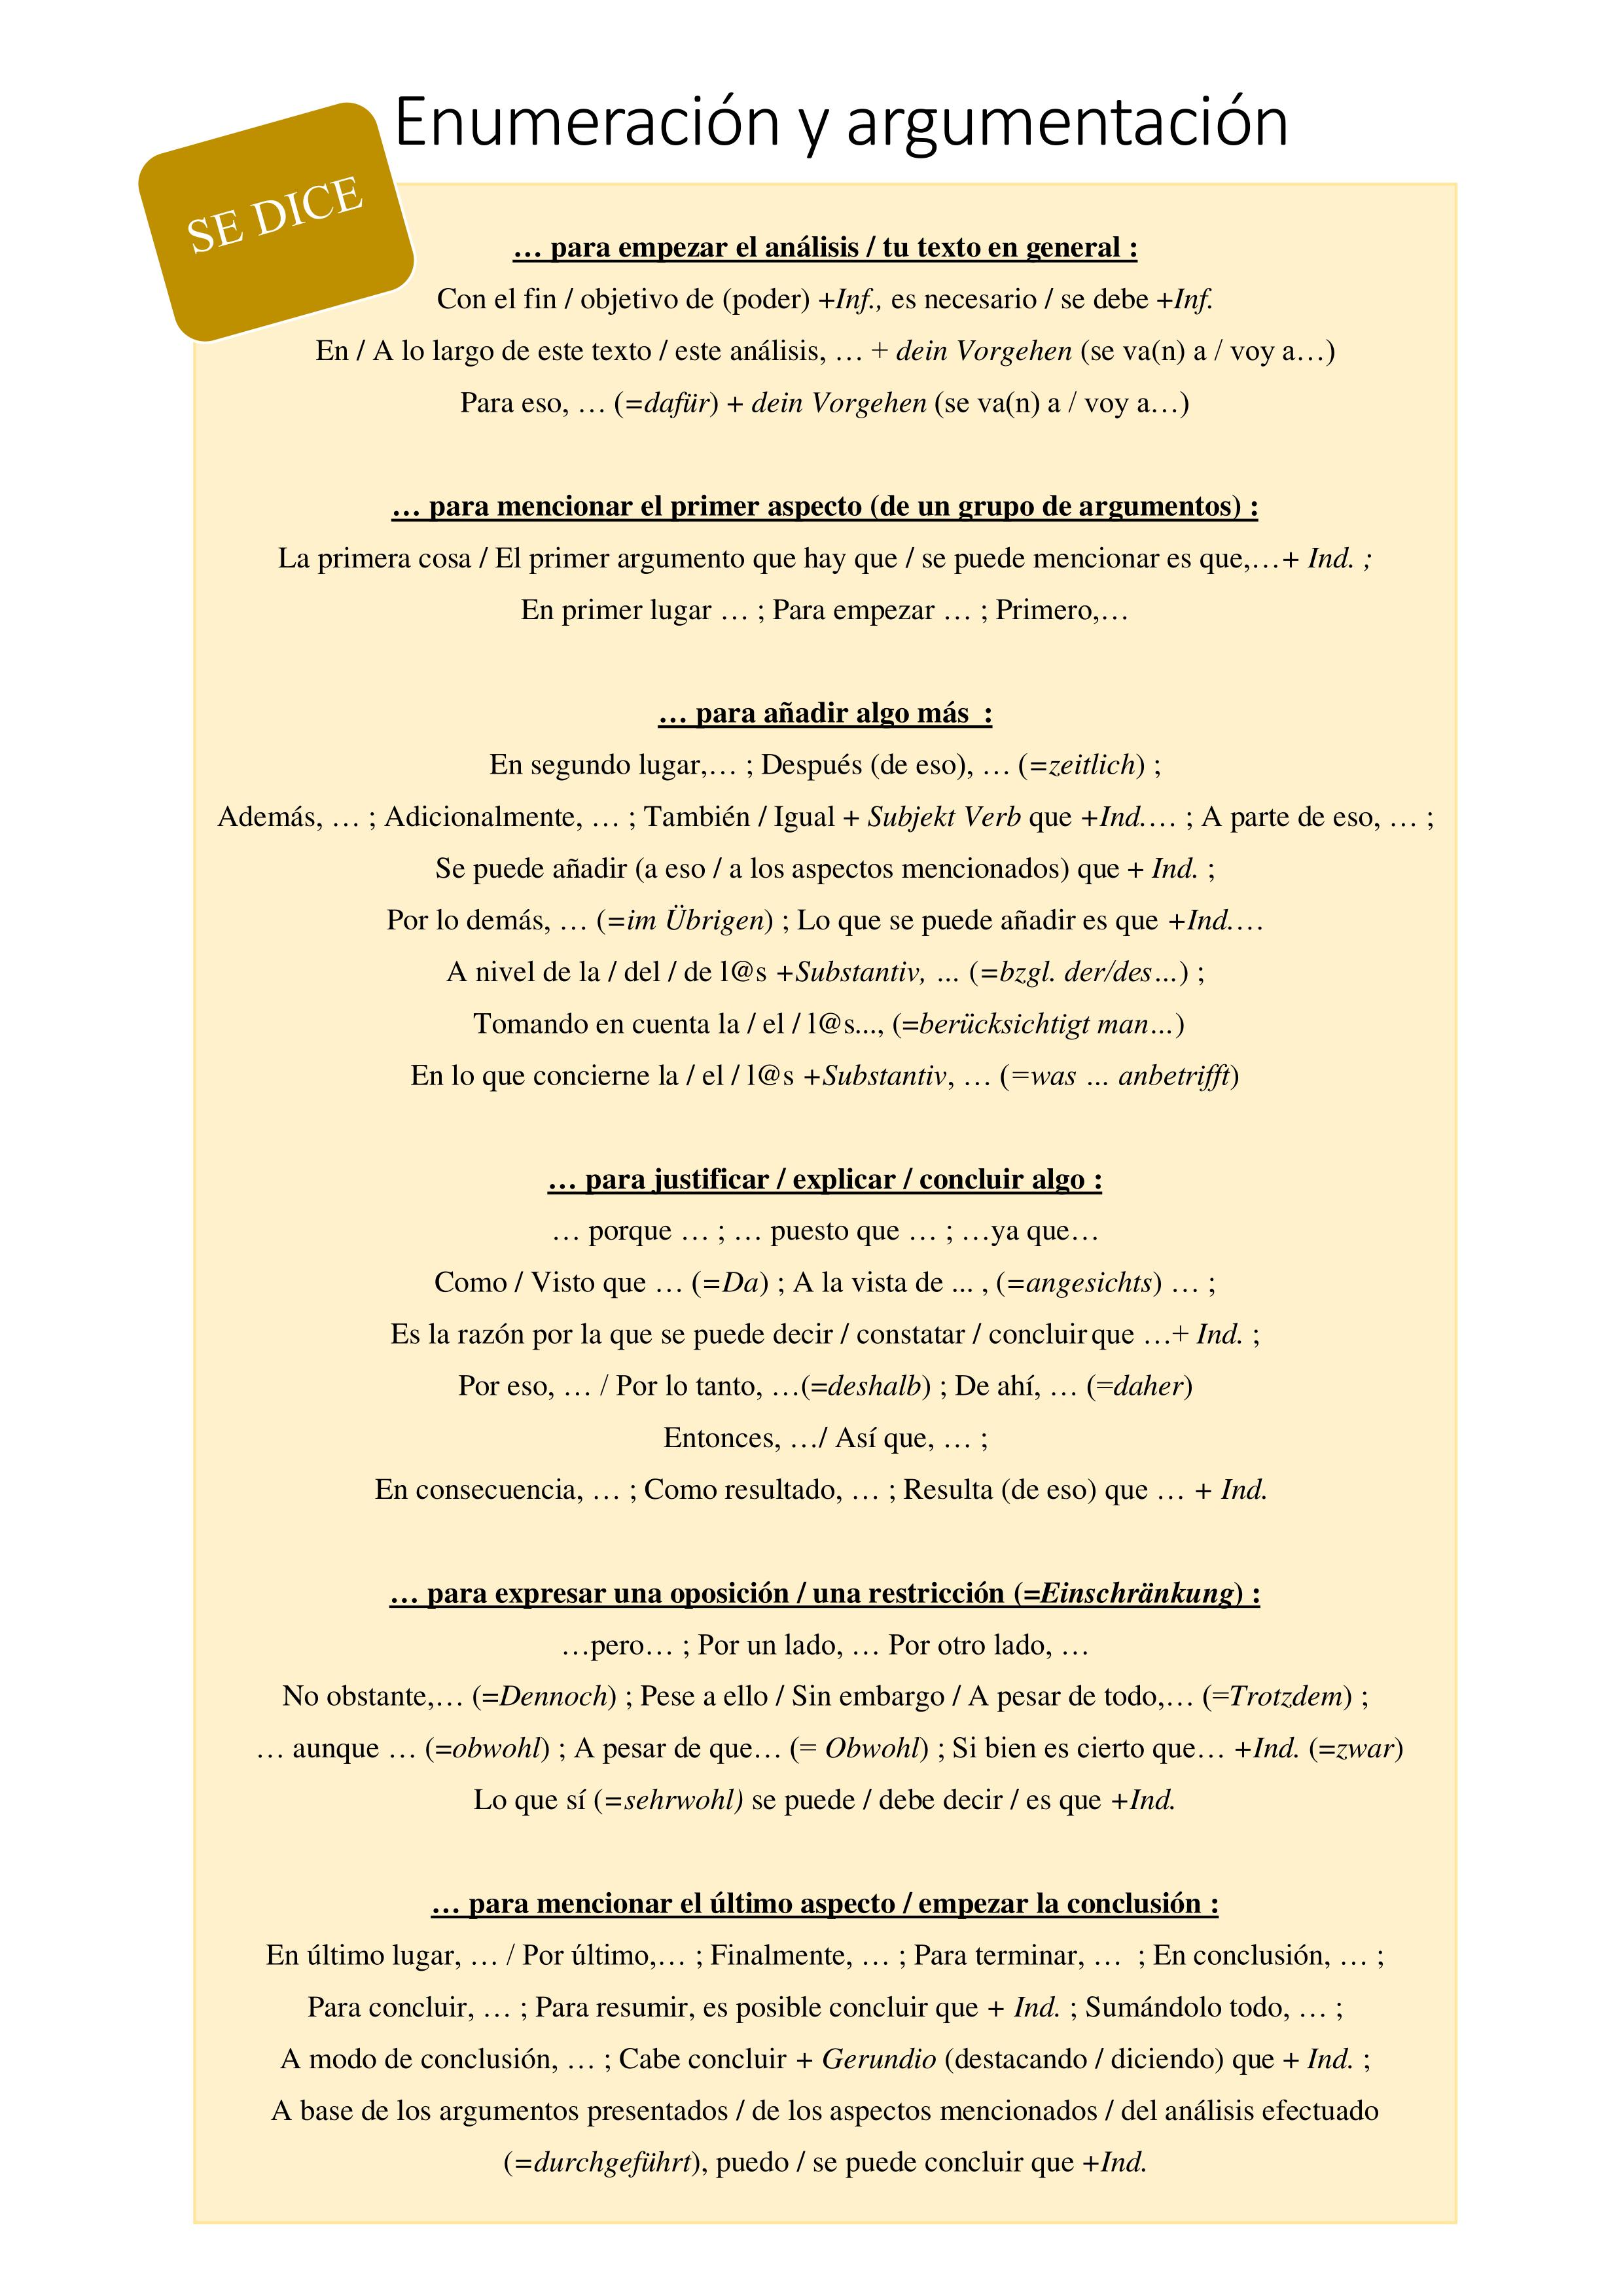 Spanische Redemittel Fur Argumentation Und Analyse Unterrichtsmaterial Im Fach Spanisch Spanisch Unterrichtsmaterial Unterrichtsfach